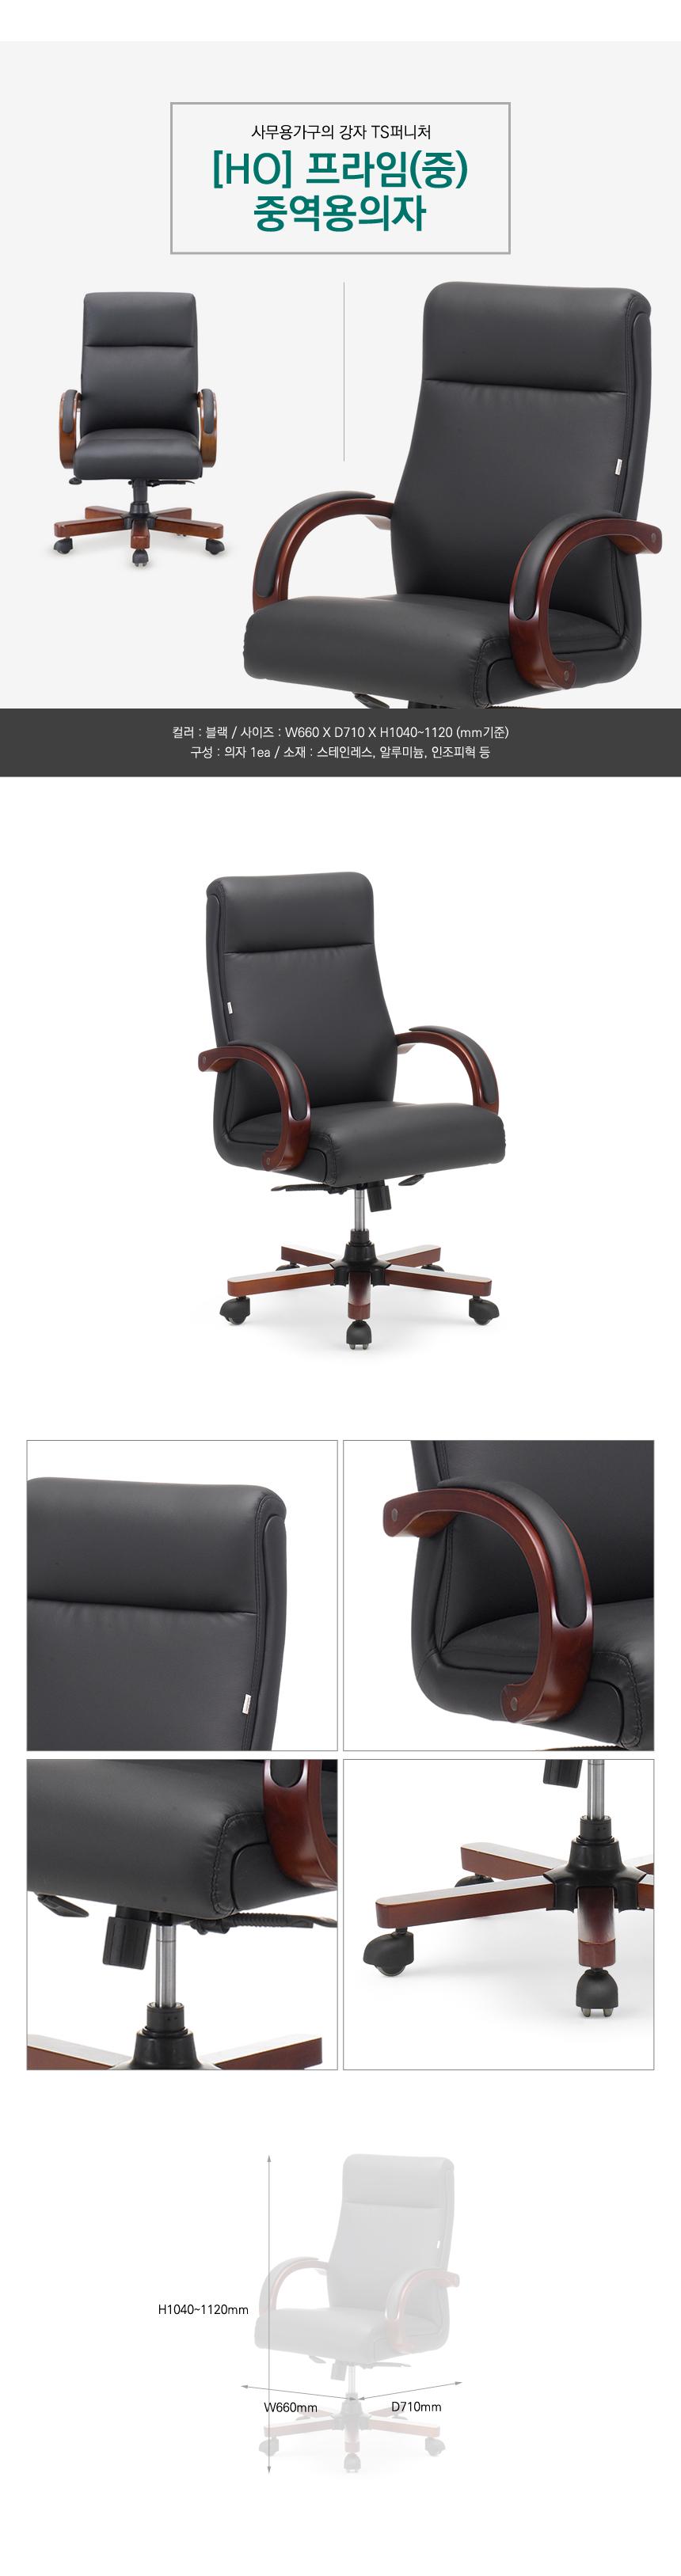 H 프라임 중역 사무용의자 중 - 티에스퍼니처, 271,500원, 책상/의자, 오피스 의자